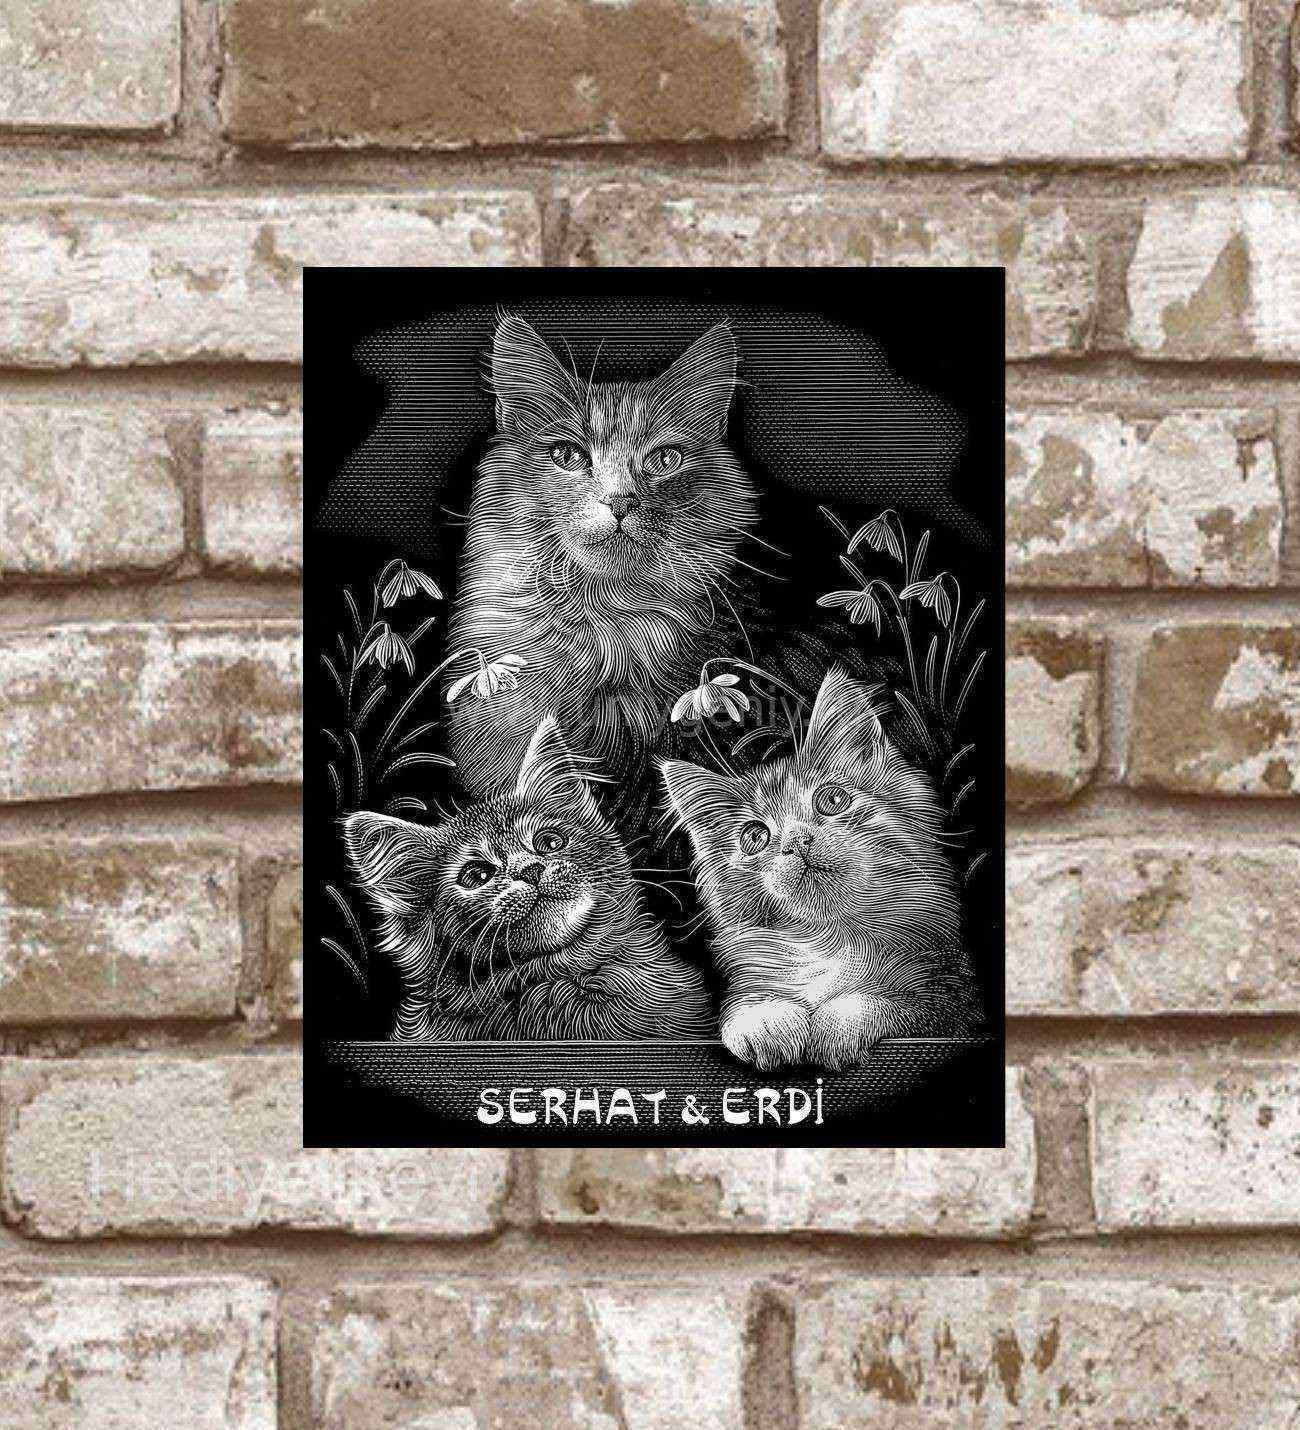 Kişiye Özel Metal Kediler Ailesi Retro Poster (29x19)